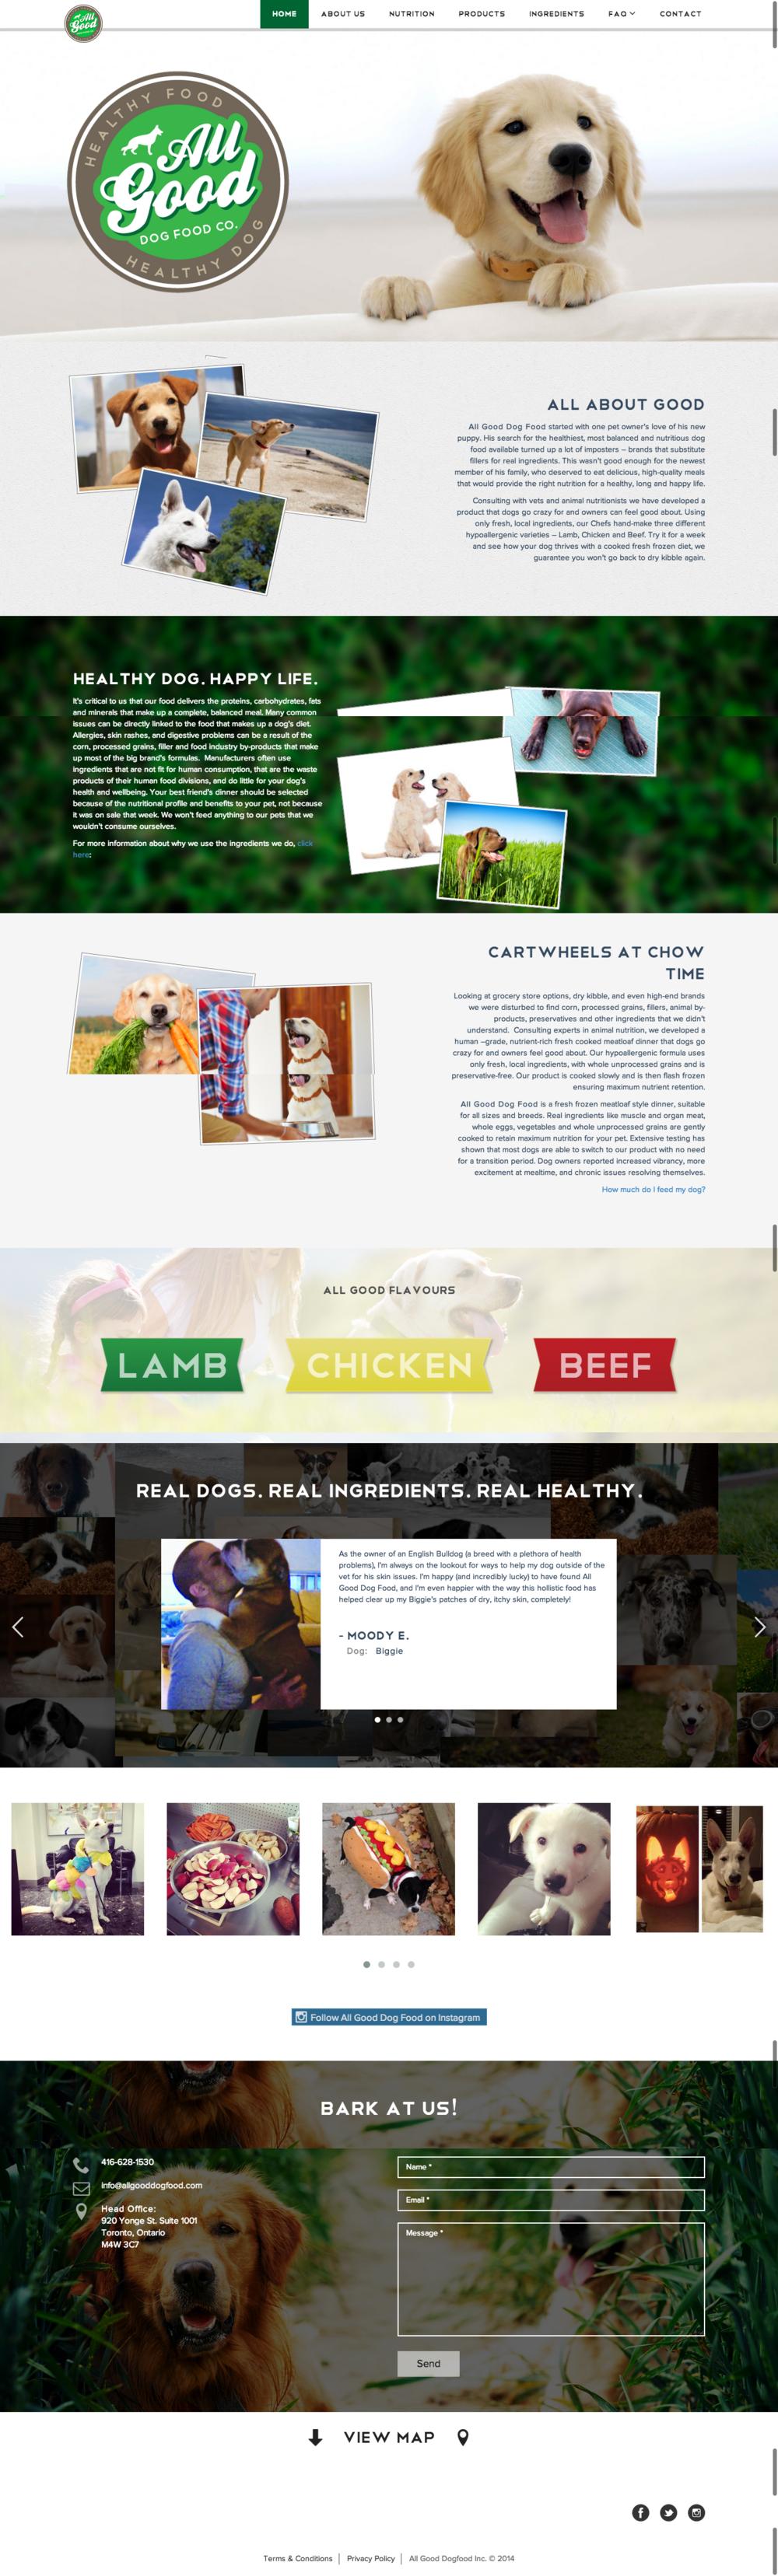 All Good Dog Food Co Website.png